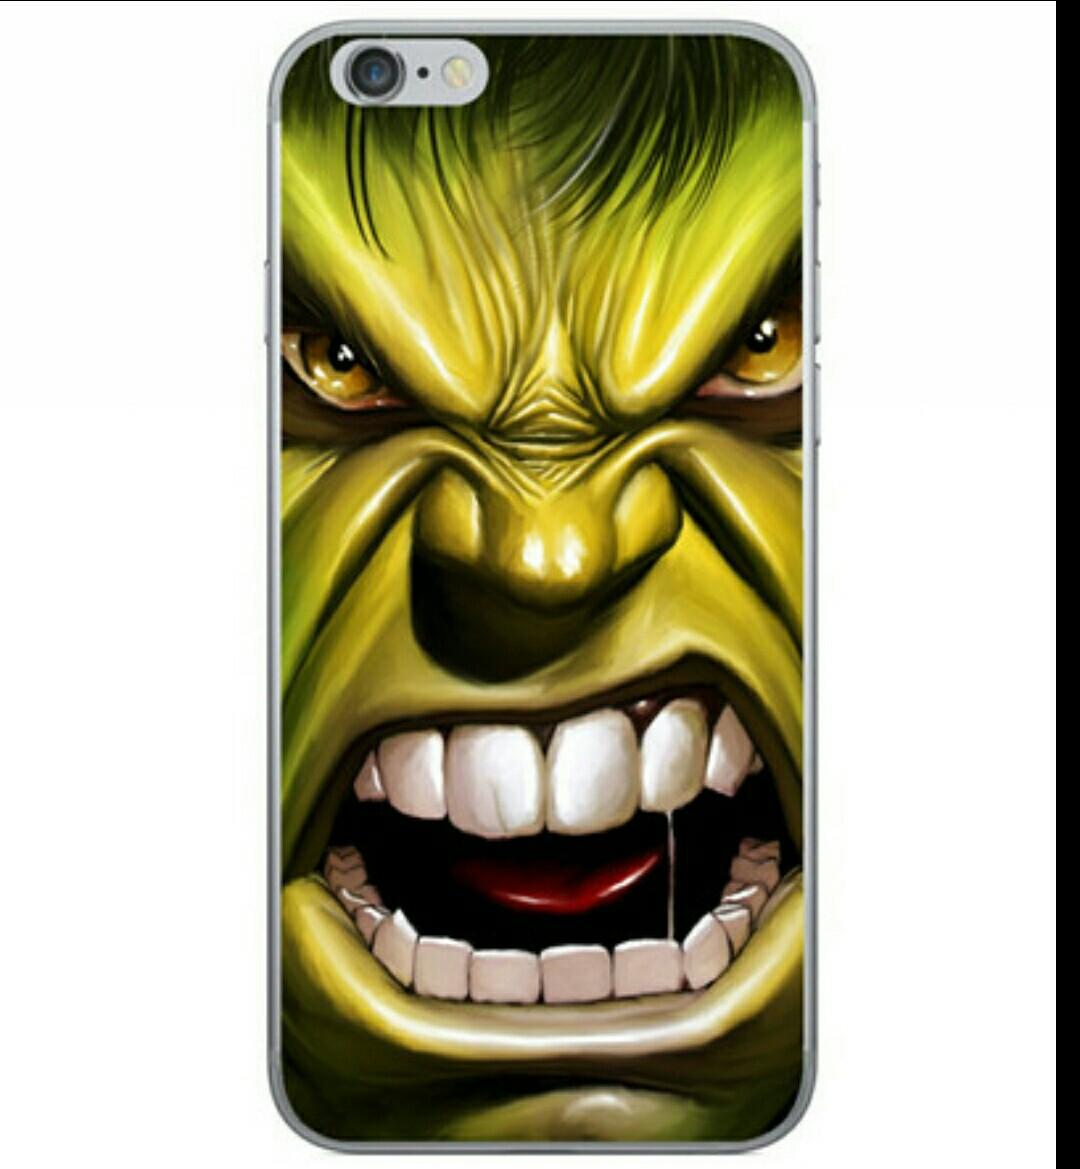 เคสไอโฟน 6/6s ลายใบหน้า the hulk เคสpcแข็ง